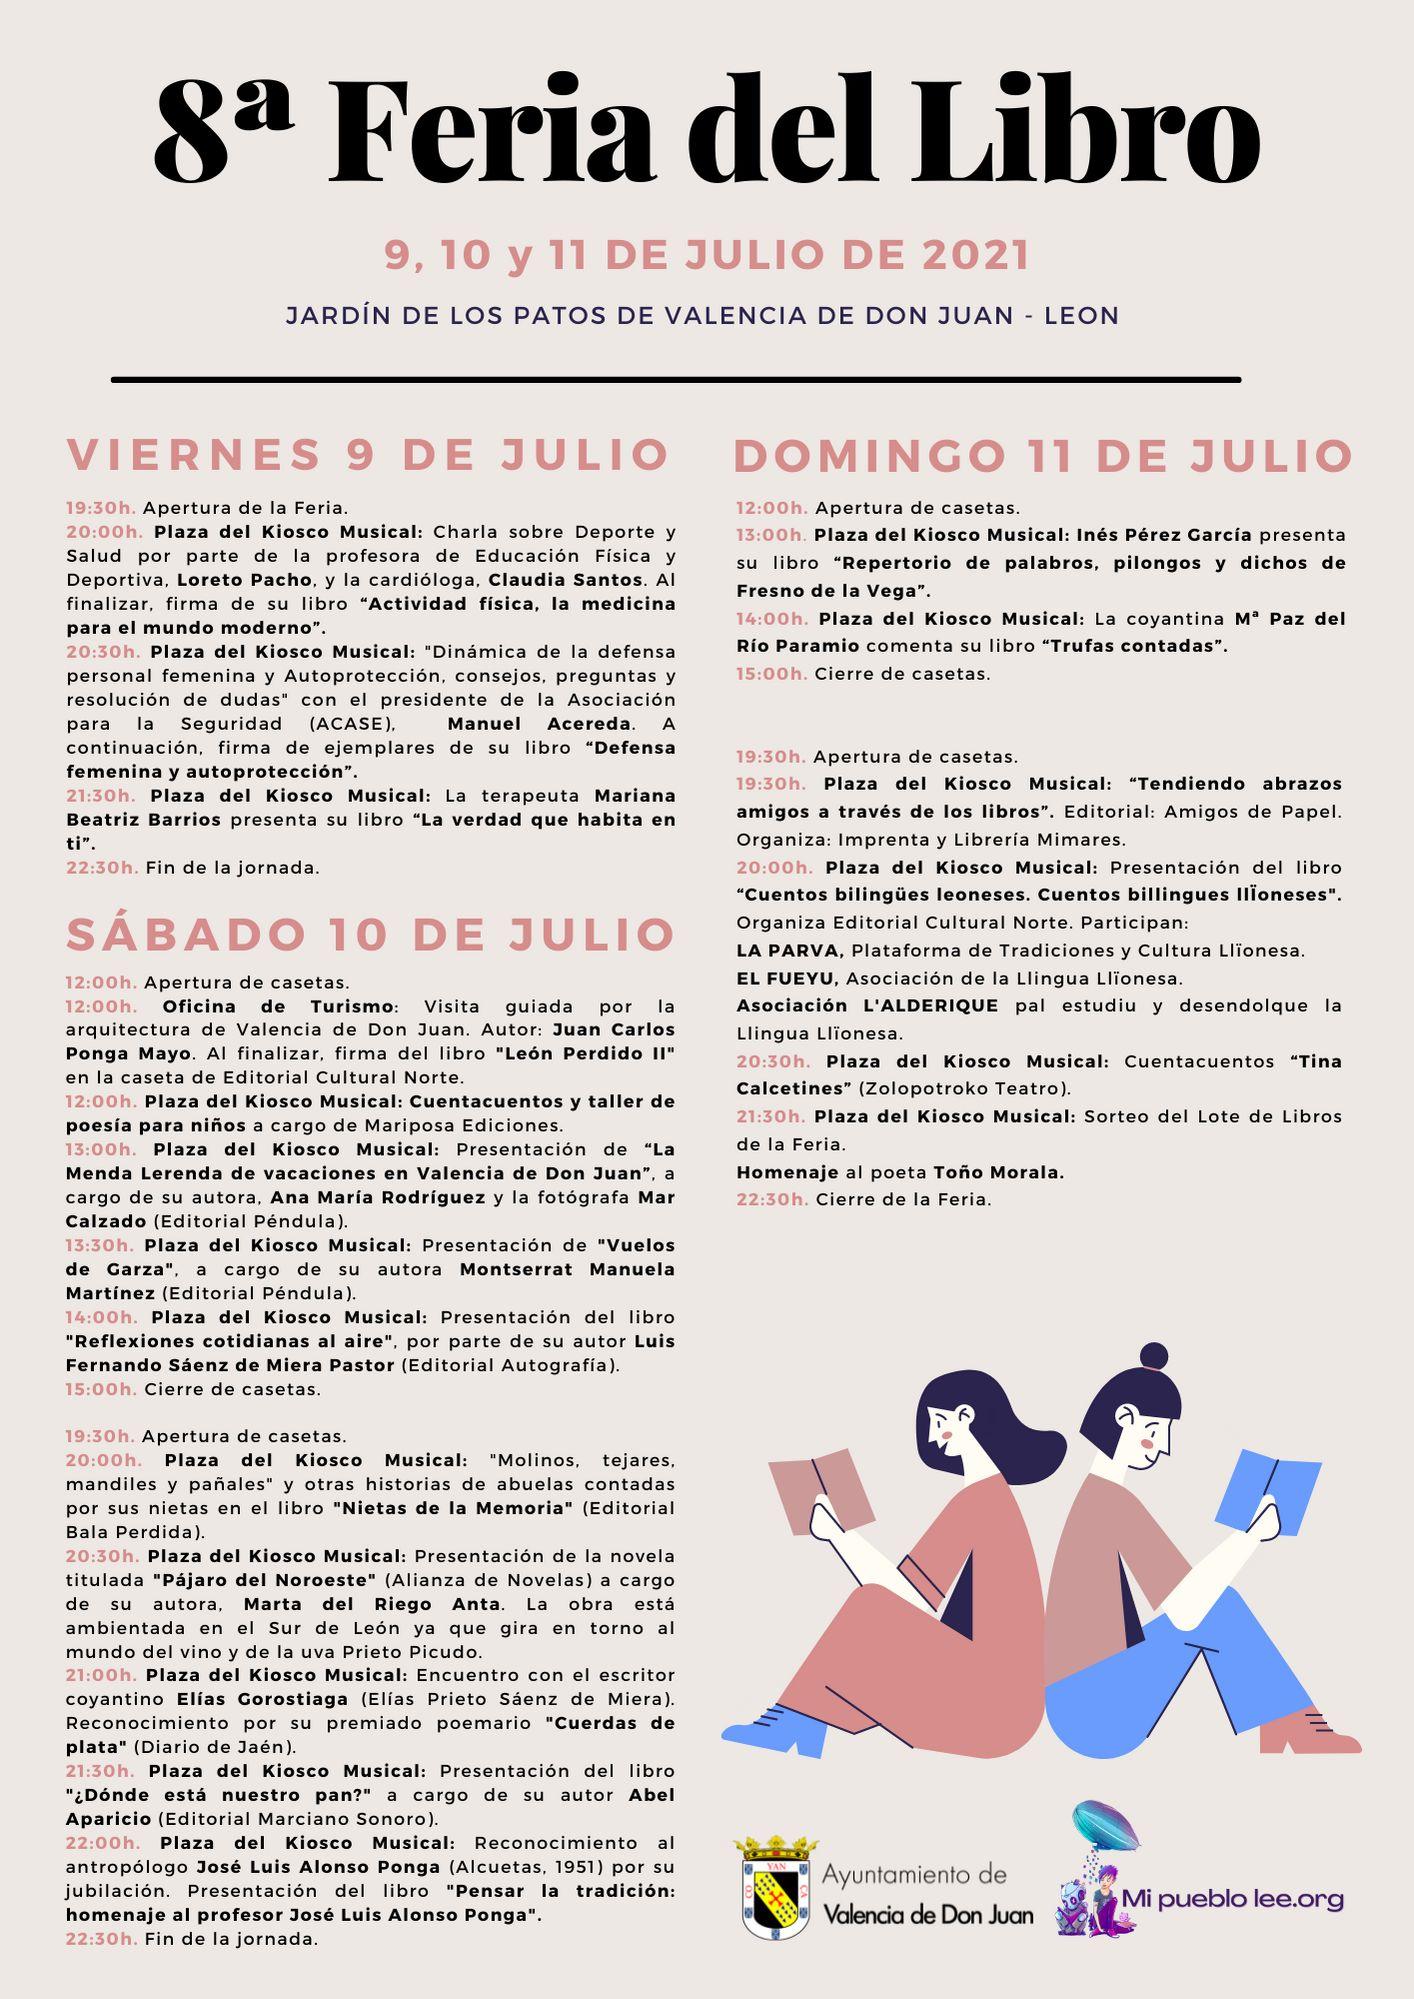 8ª Feria del Libro valencia de don juan